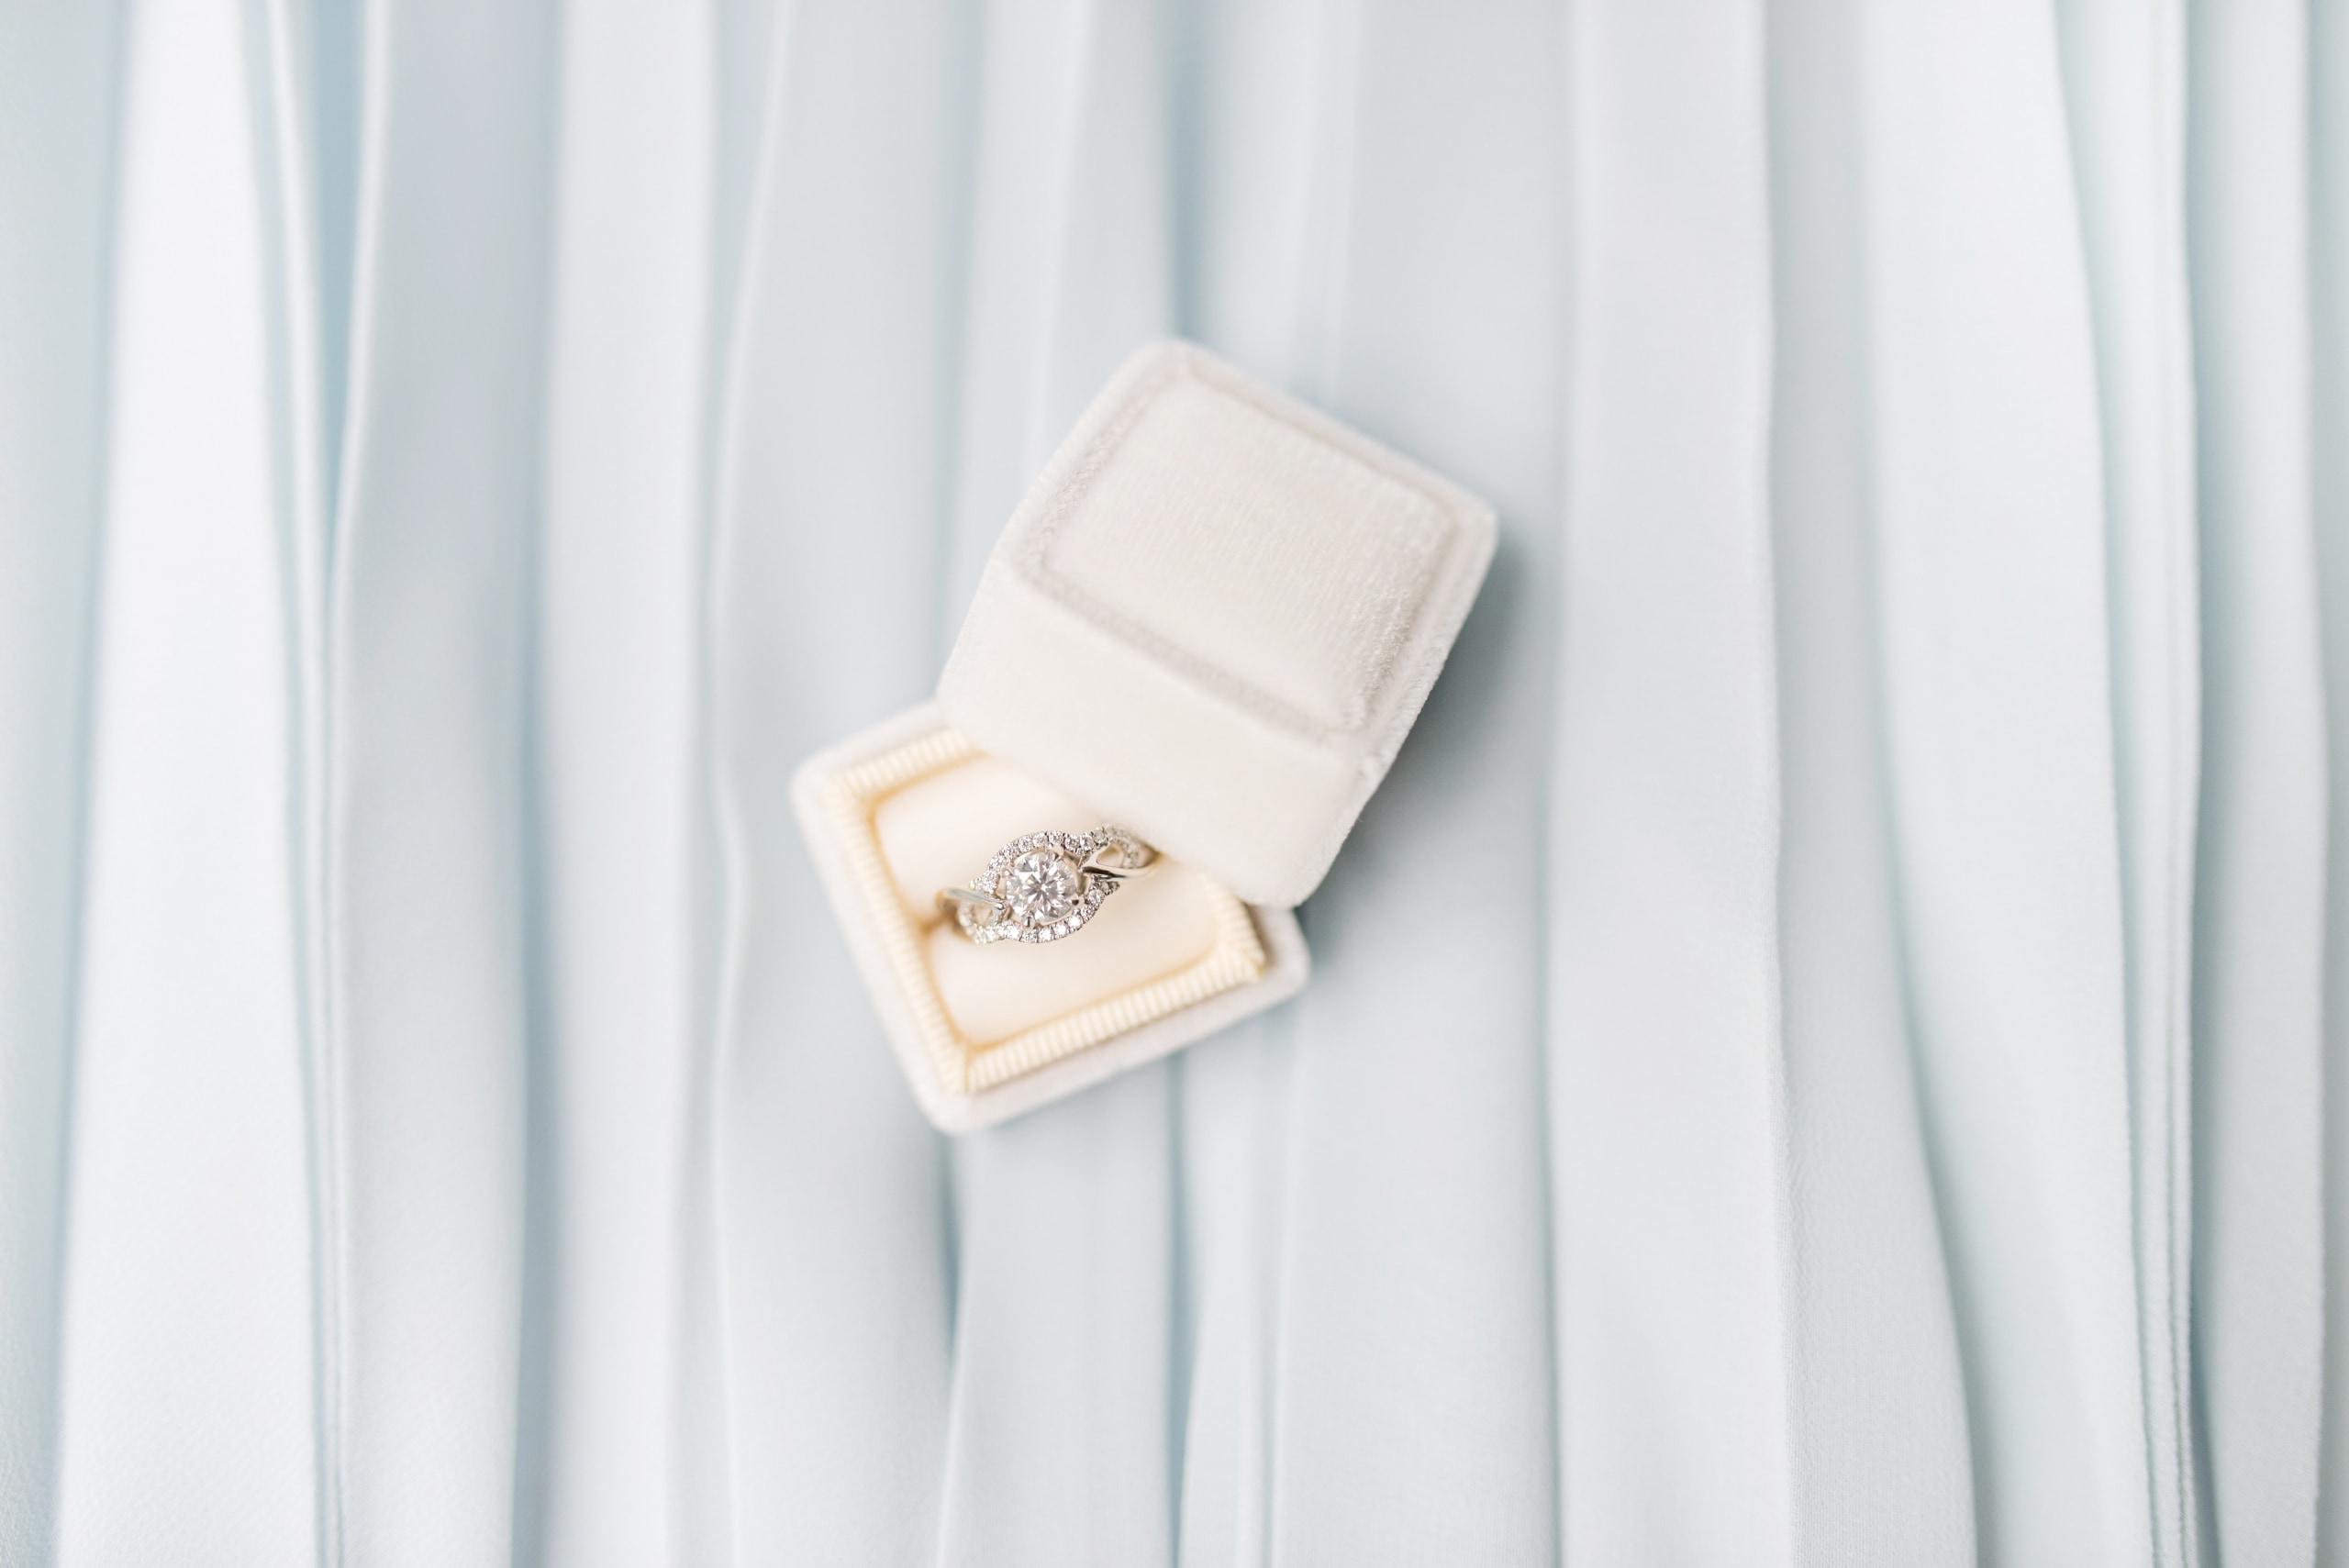 ぶっちゃけ、プロポーズに婚約指輪は必要?のイメージ